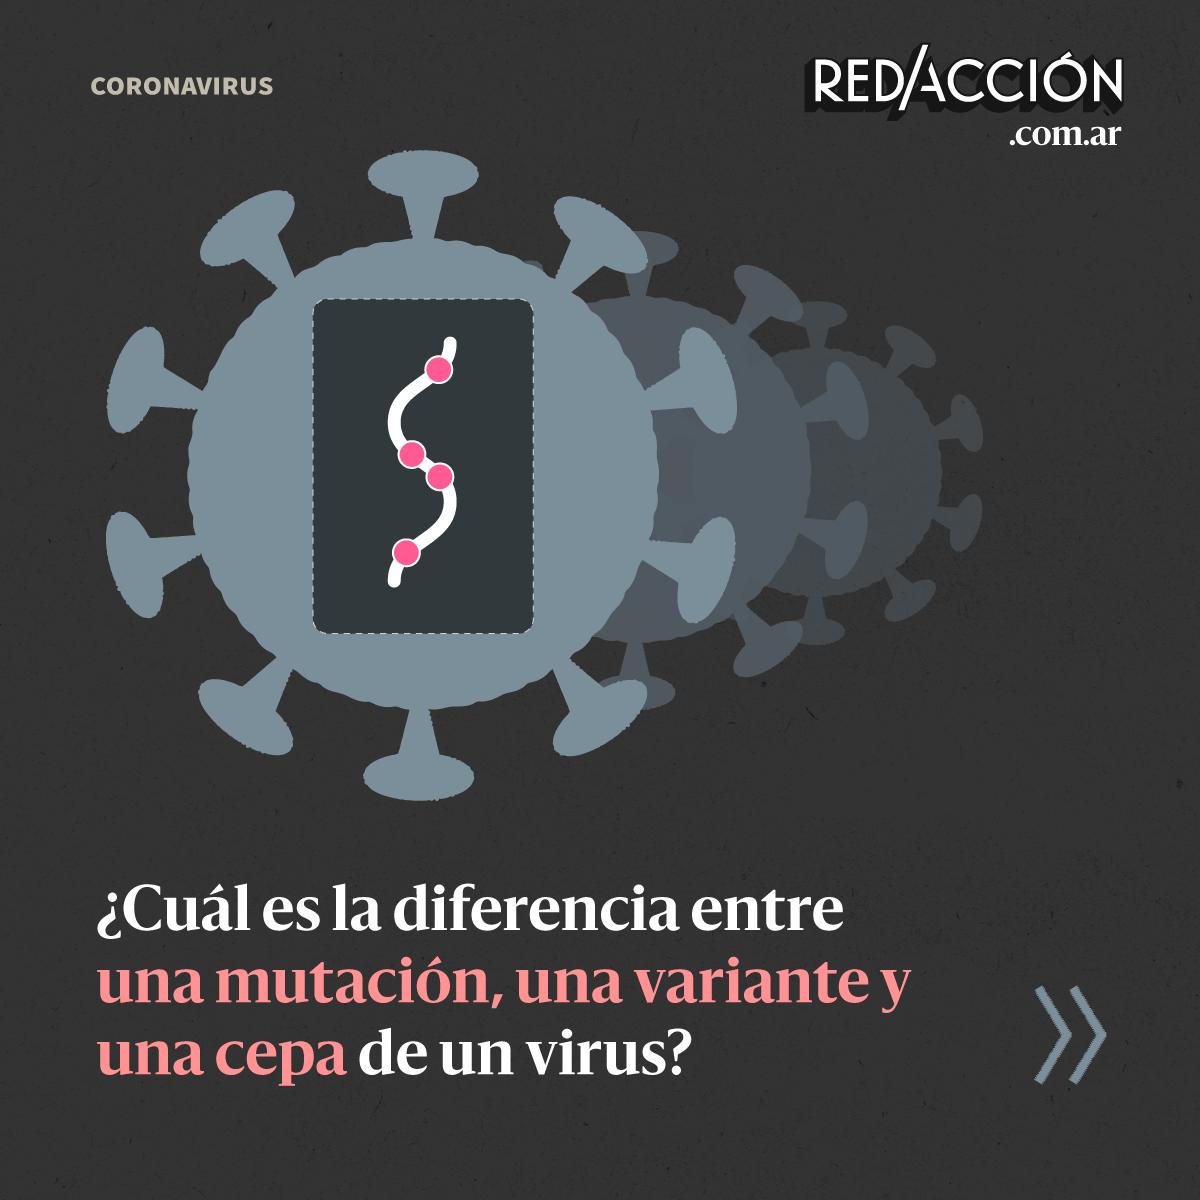 ¿Cuál es la diferencia entre una mutación, una variante y una cepa de un virus?